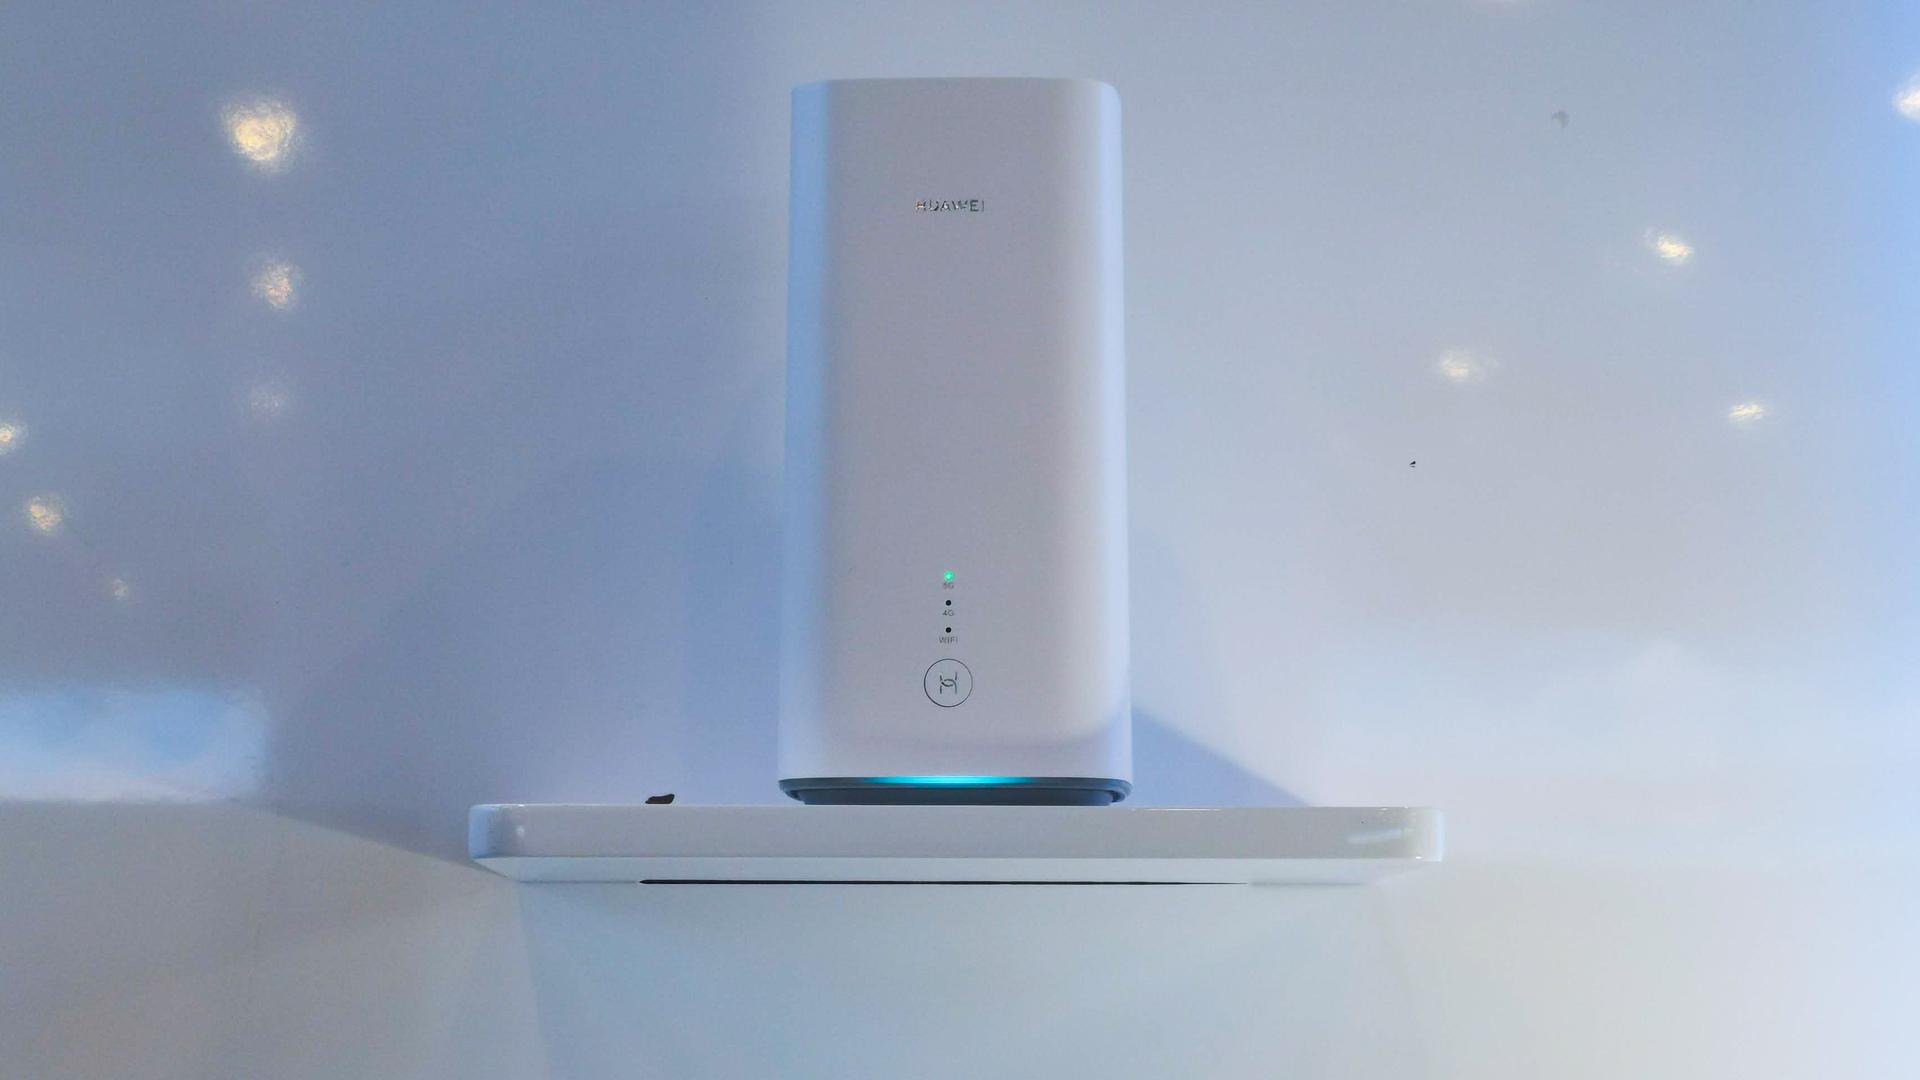 Huawei HQ 5G in home hotspot